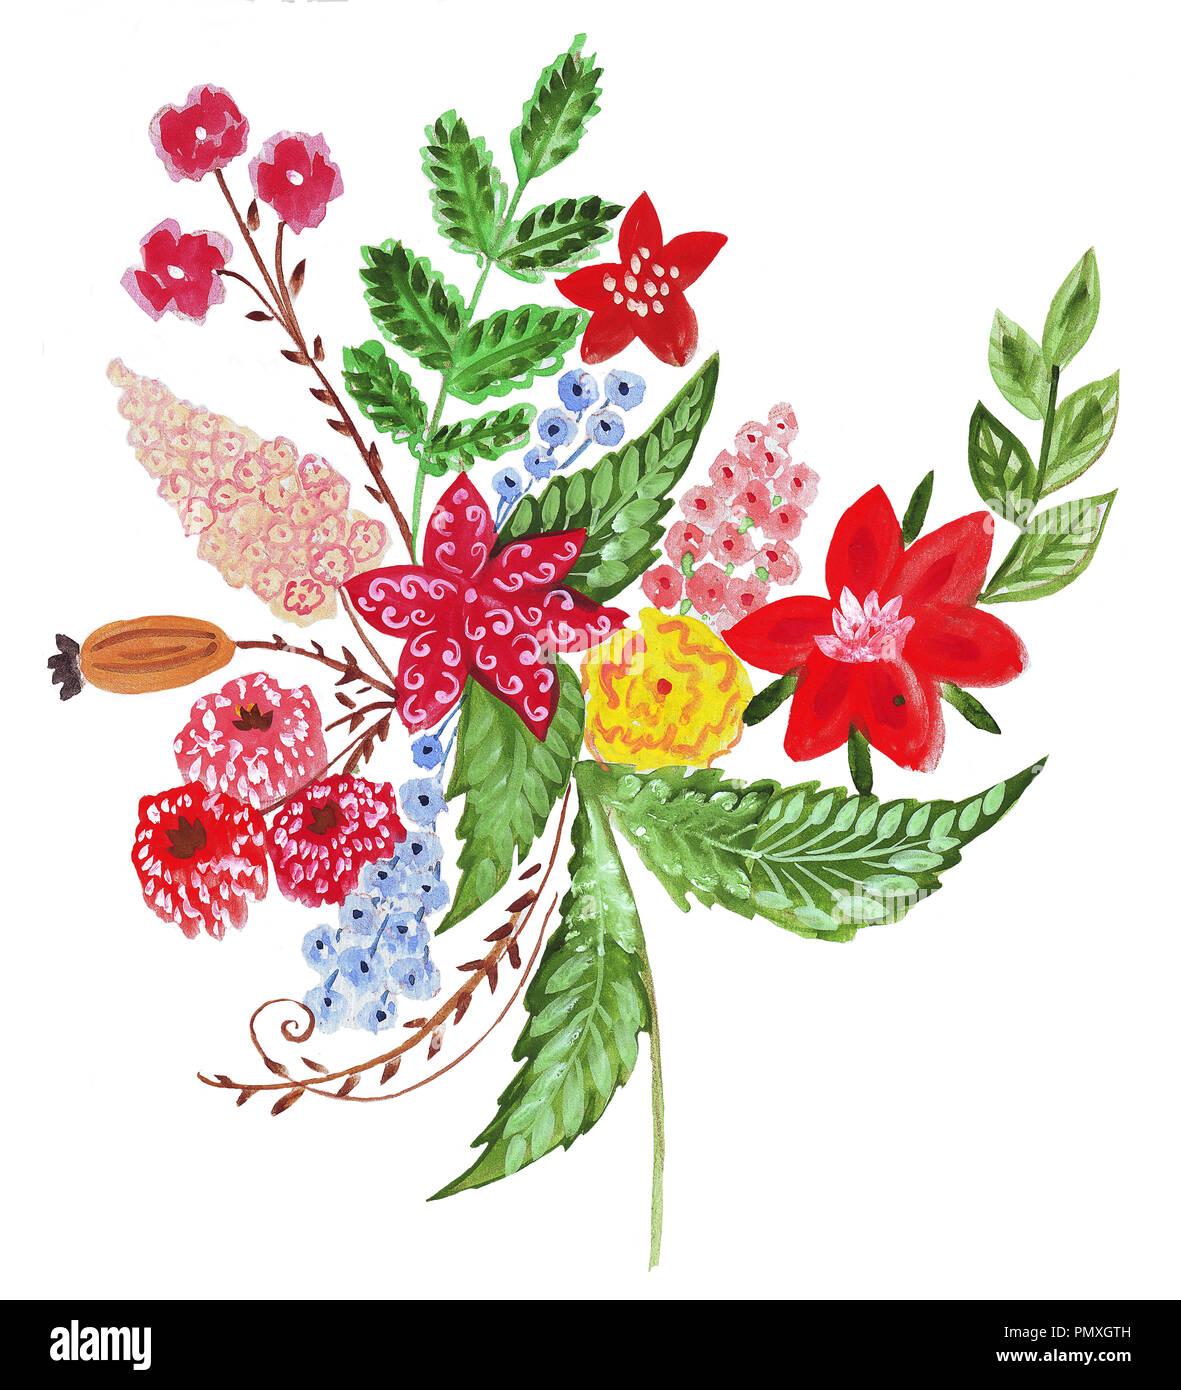 Dessin Bouquet De Fleurs Couleur